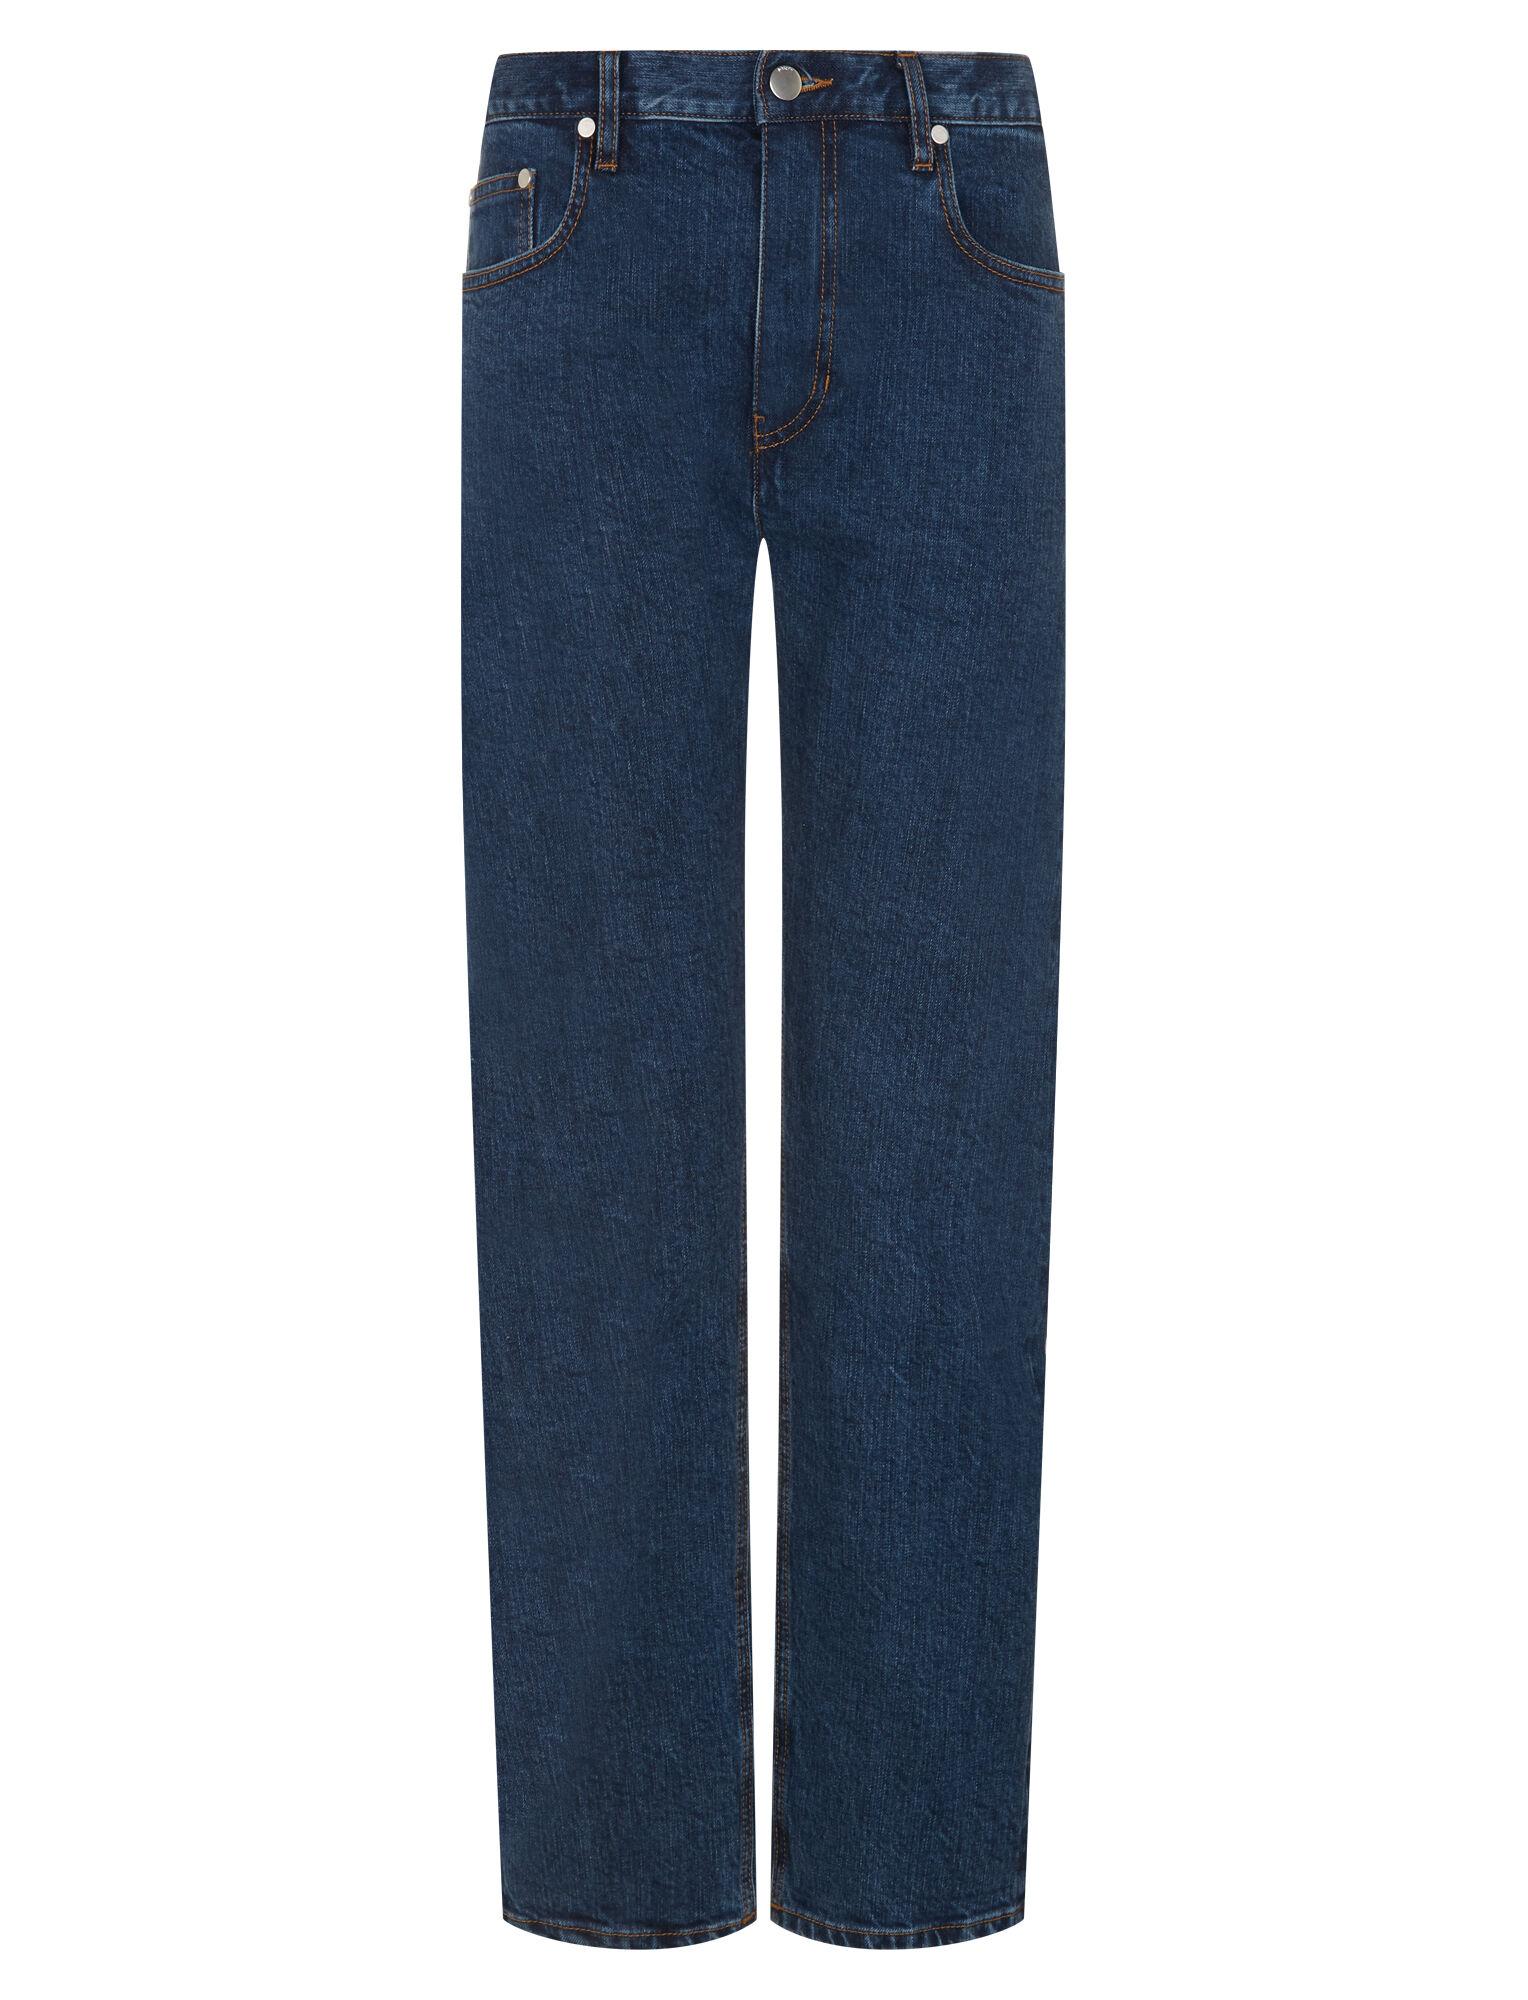 Joseph, Kemp Denim Stretch Trousers, in AUTHENTIC BLUE